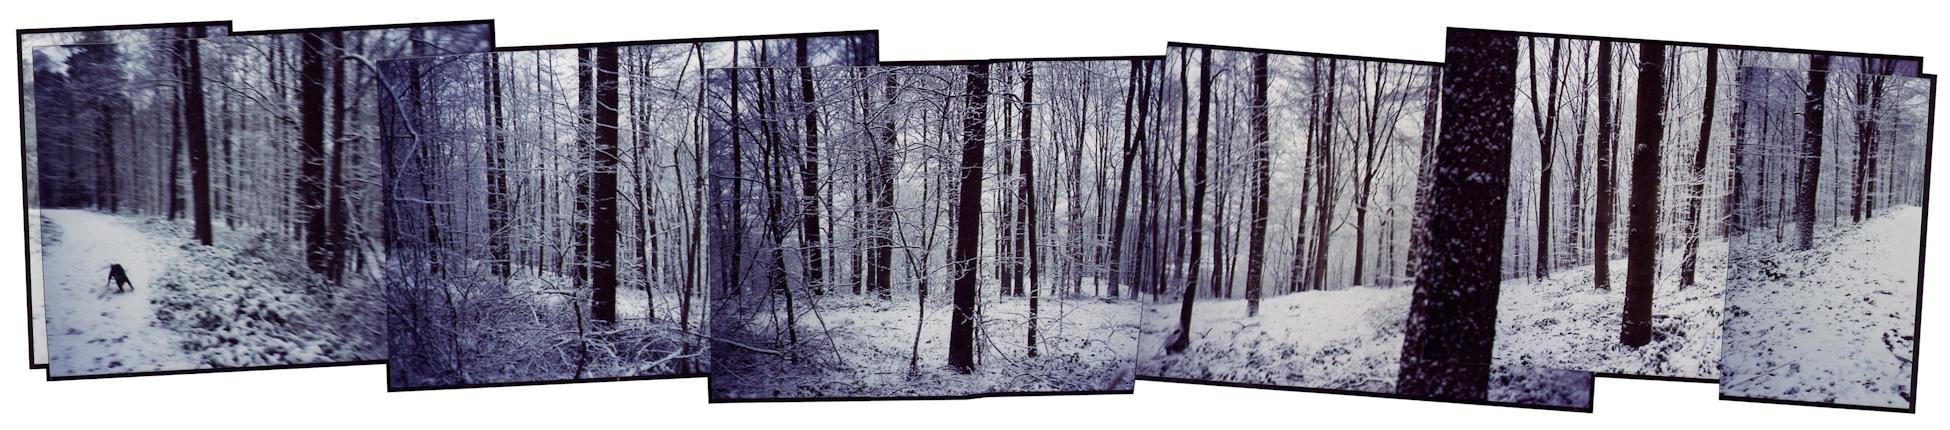 Panoramique n°161 - Nouvel an ( janvier 2004)